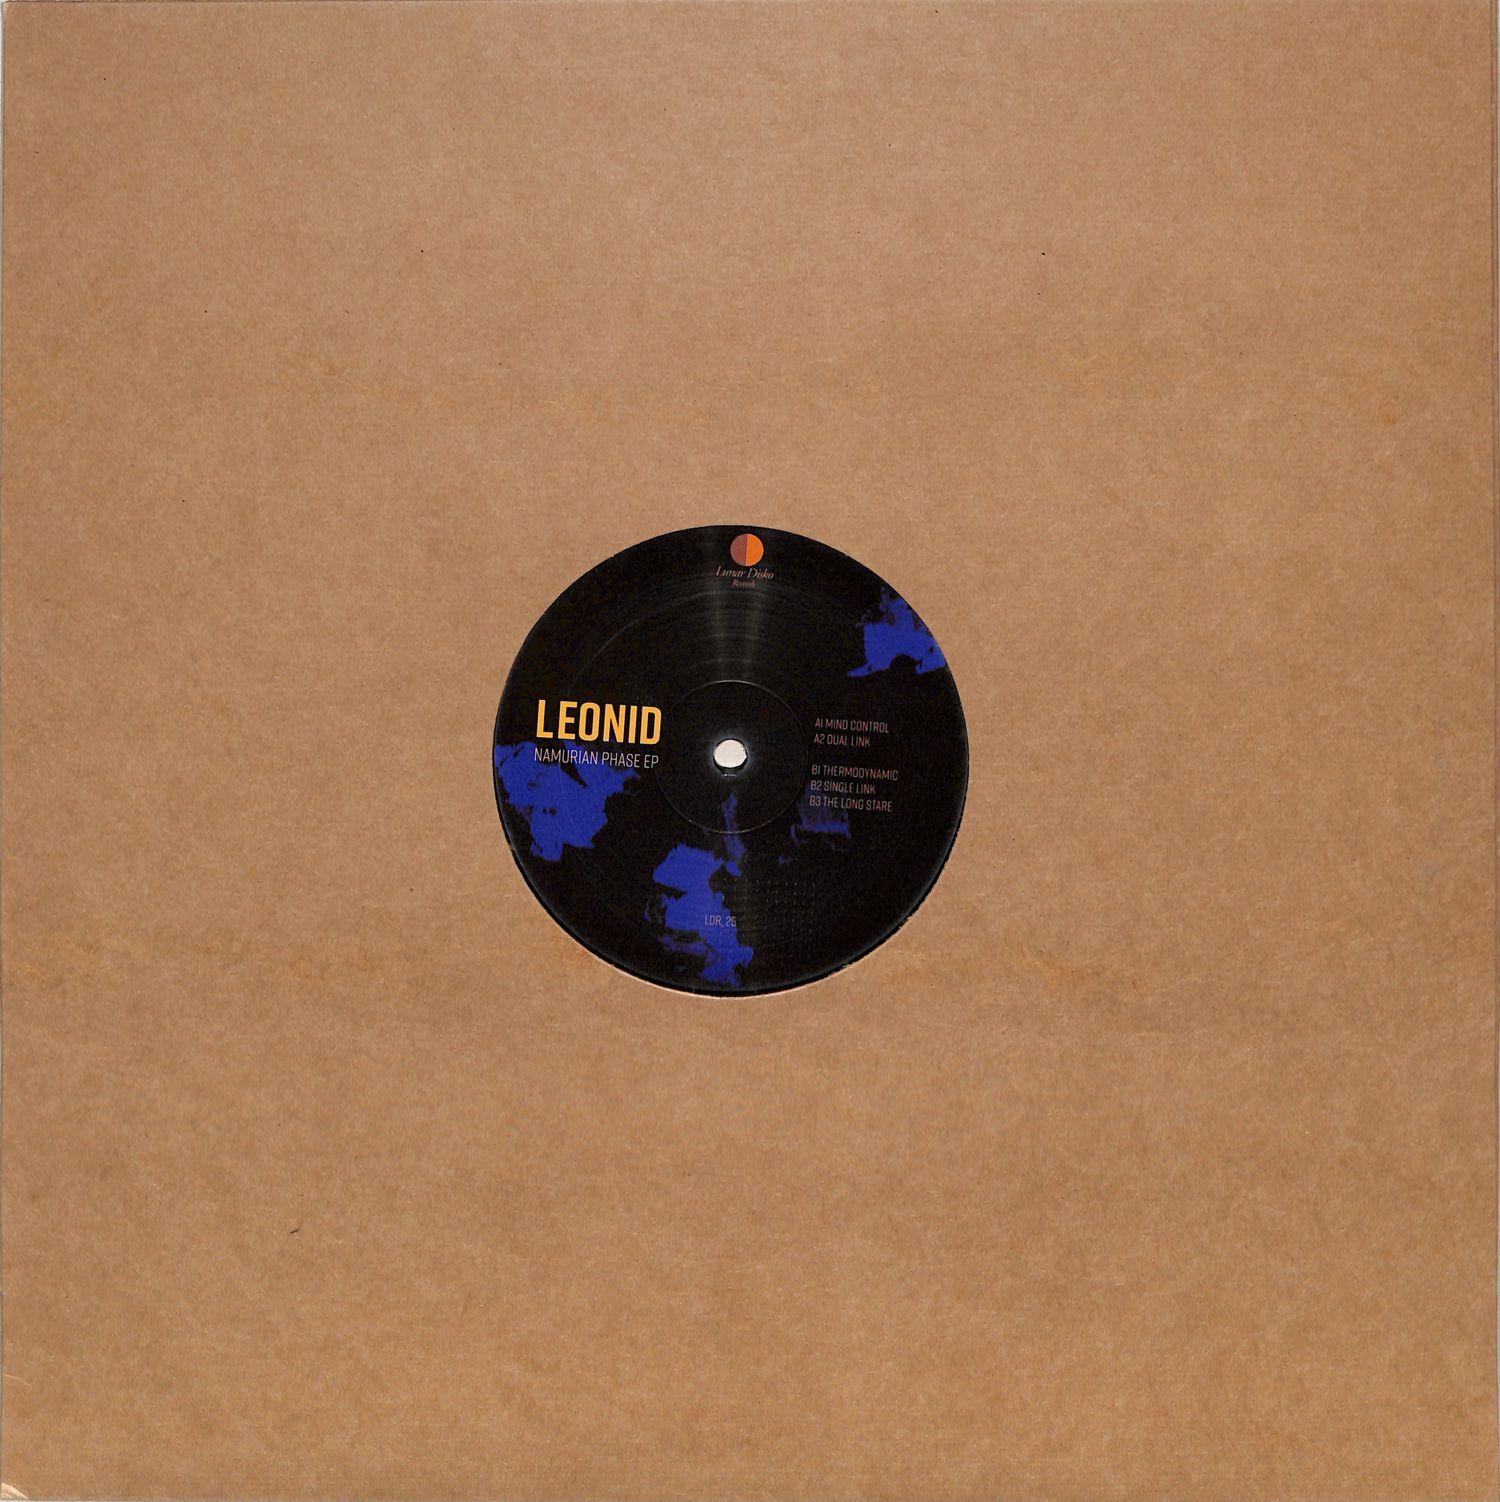 Leonid - NAMURIAN PHASE EP